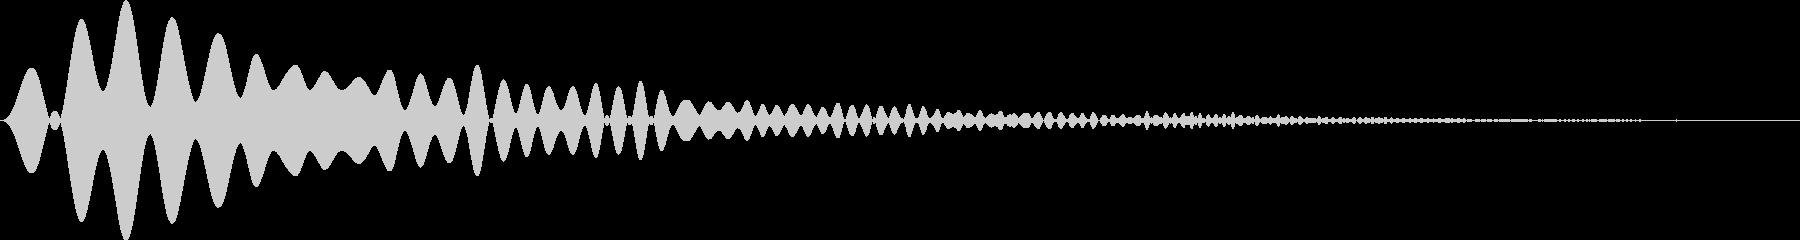 カーソル・決定・キャンセル音 「ヒュワ」の未再生の波形